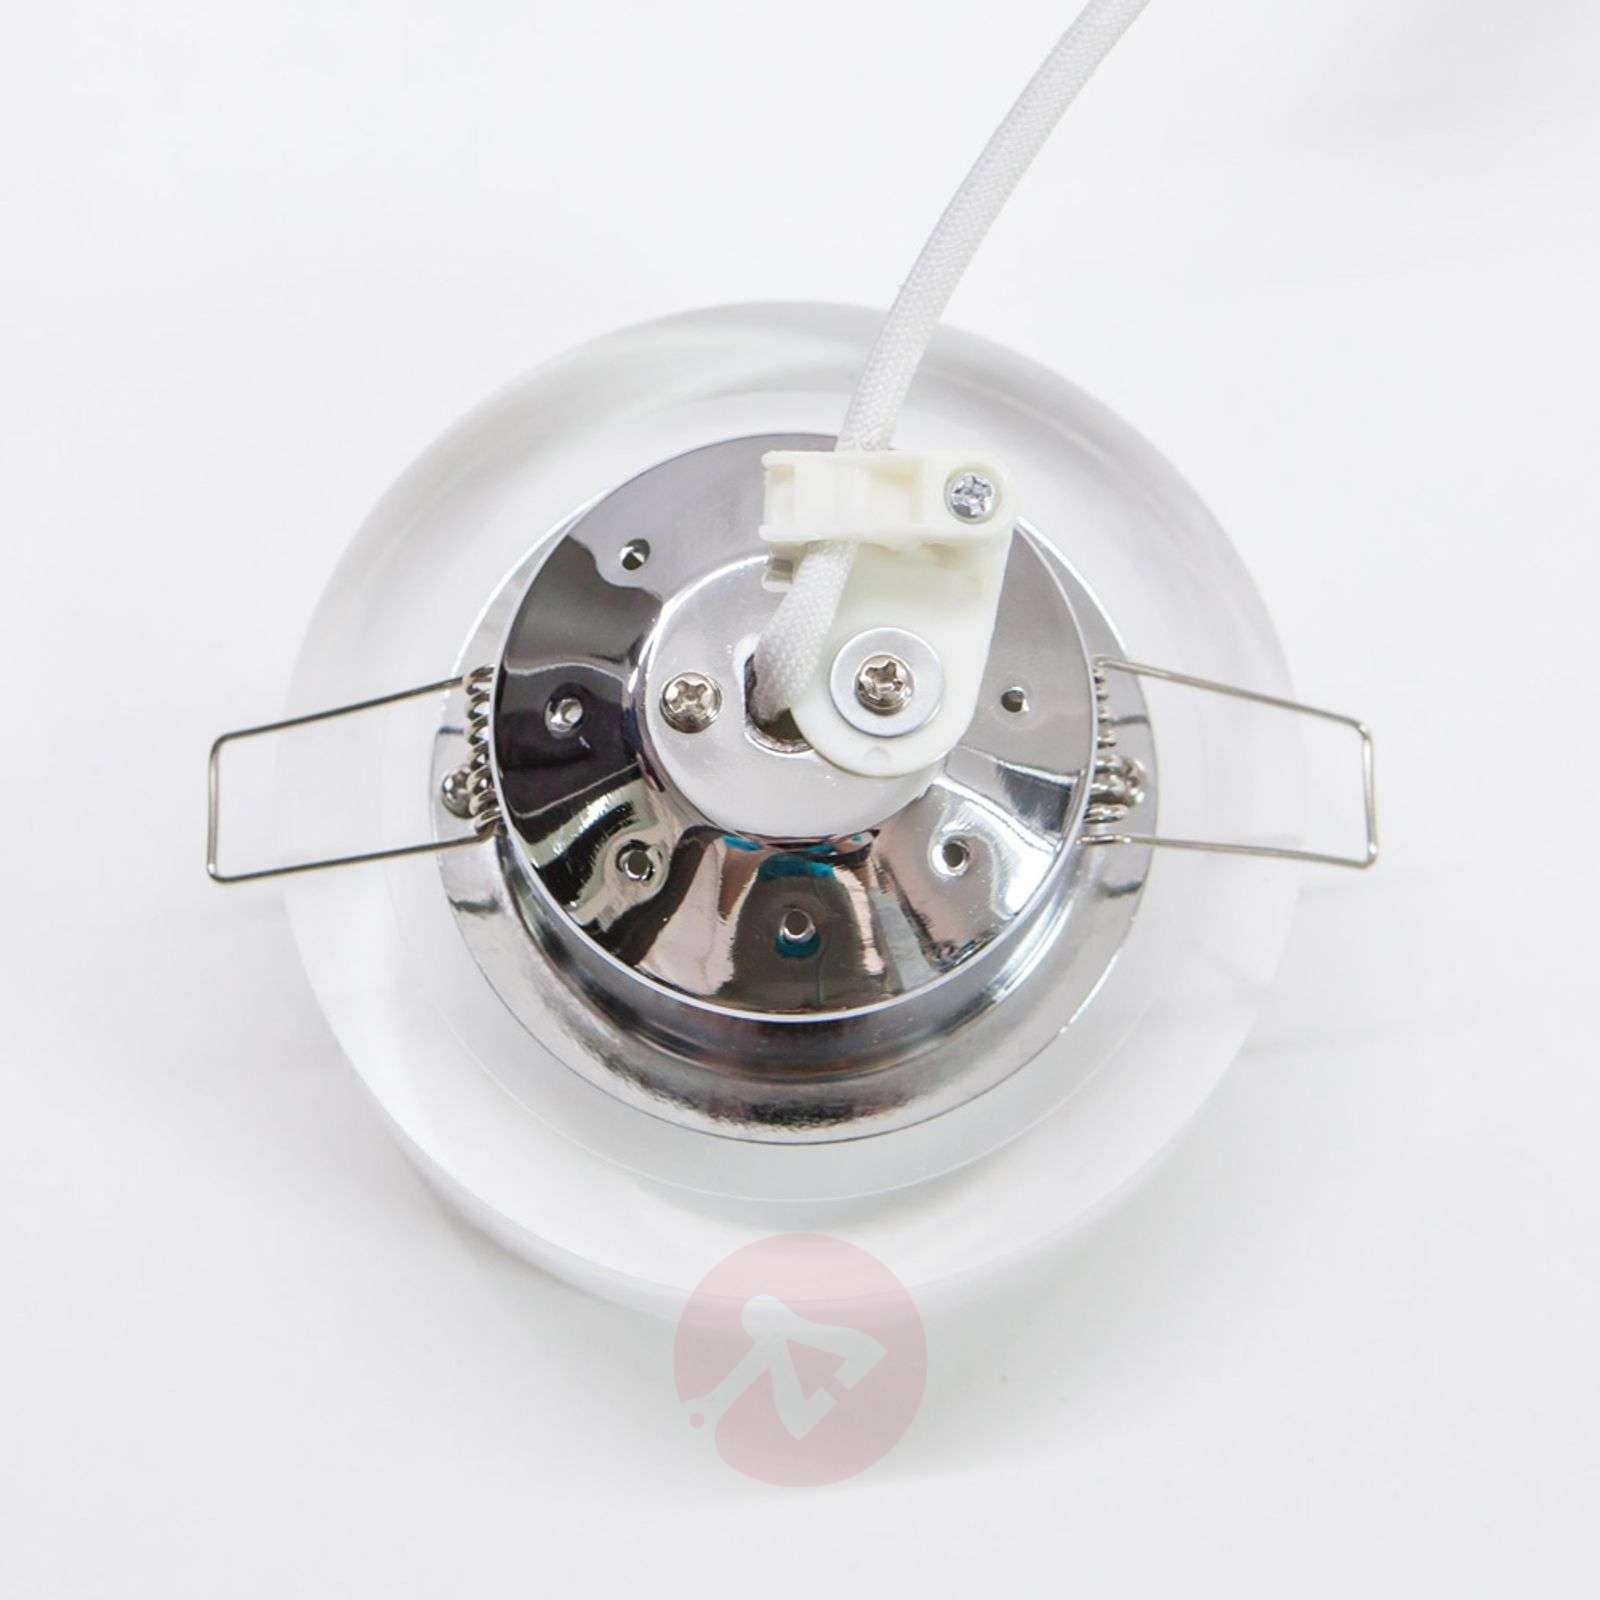 Pyöreä, upotettava Sara LED-valaisin, akryyliä-9970098-02